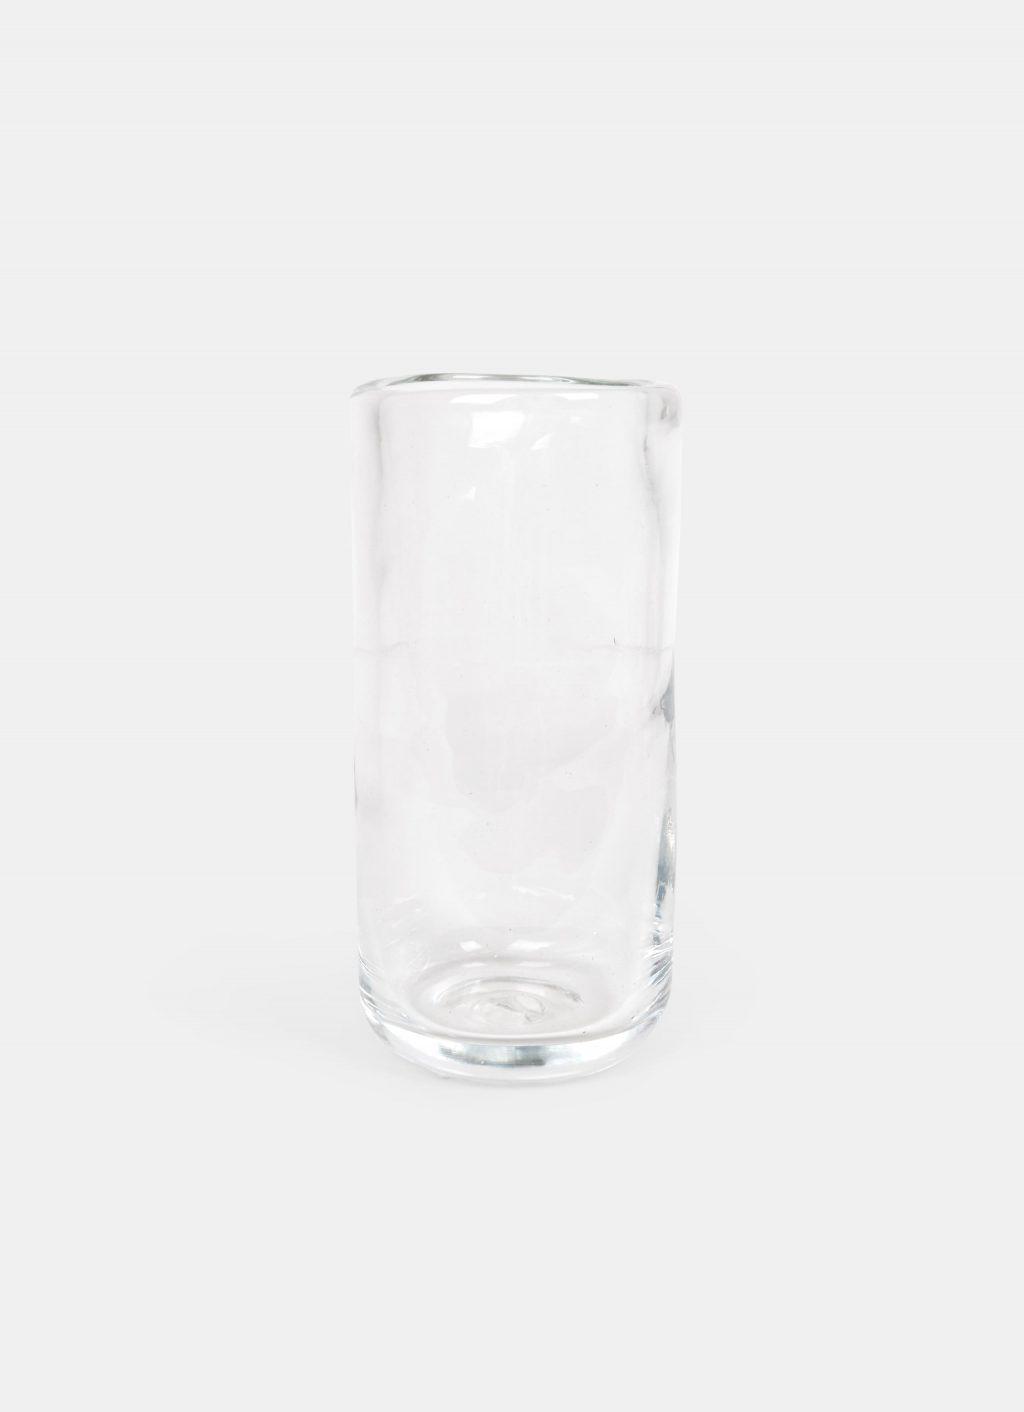 Frama - Glassware - Studio 0405 - Vase clear